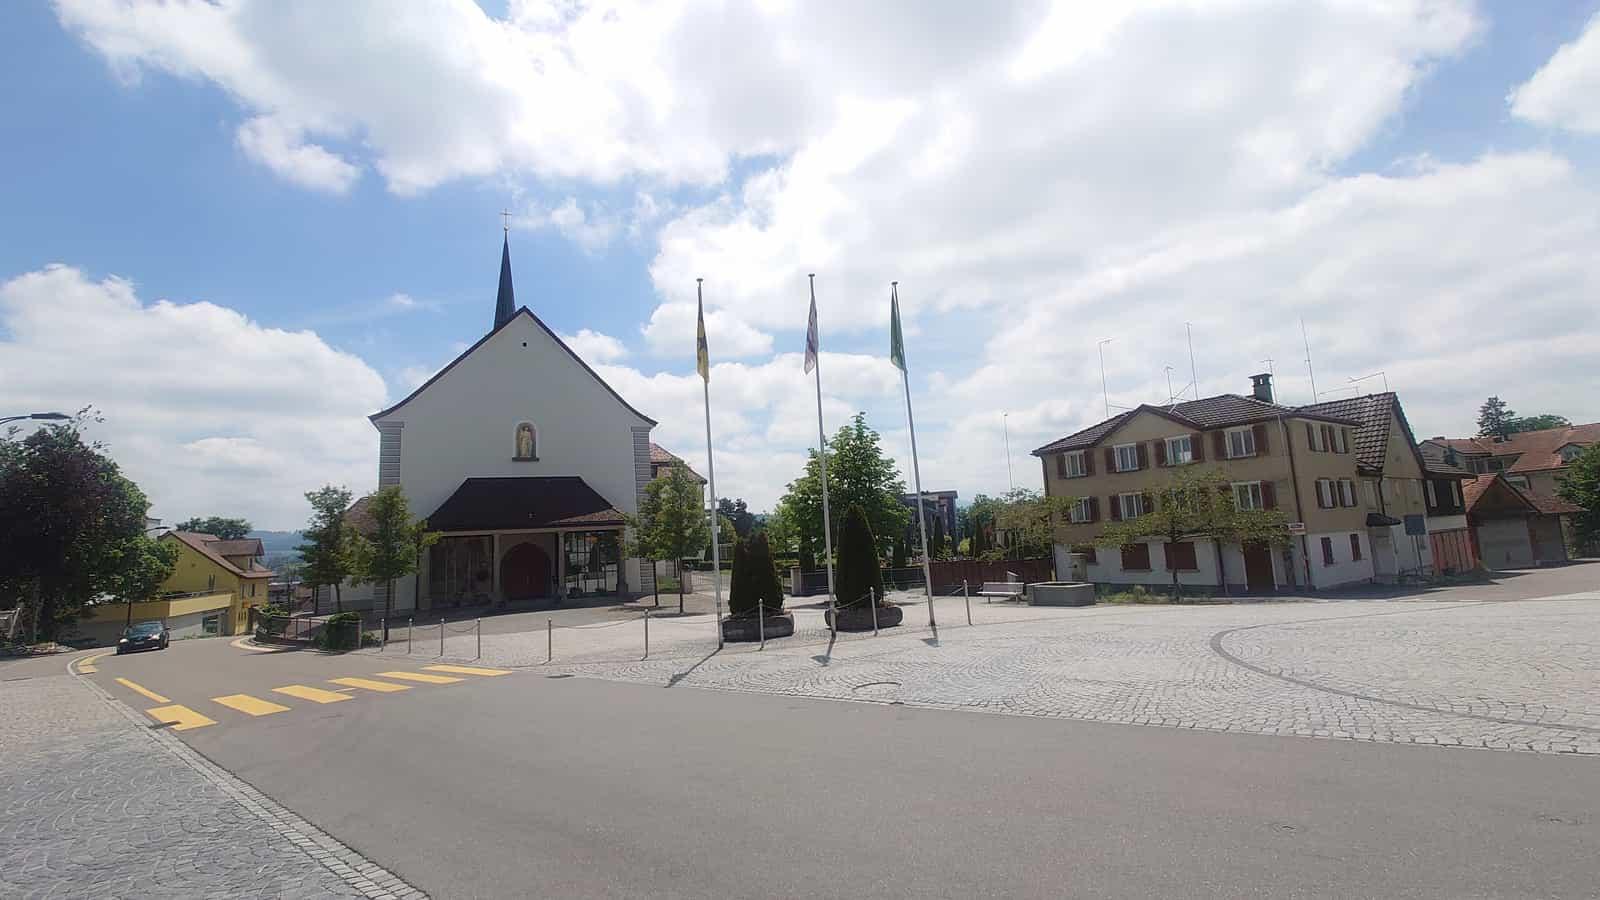 Dorfzentrum von Engelburg